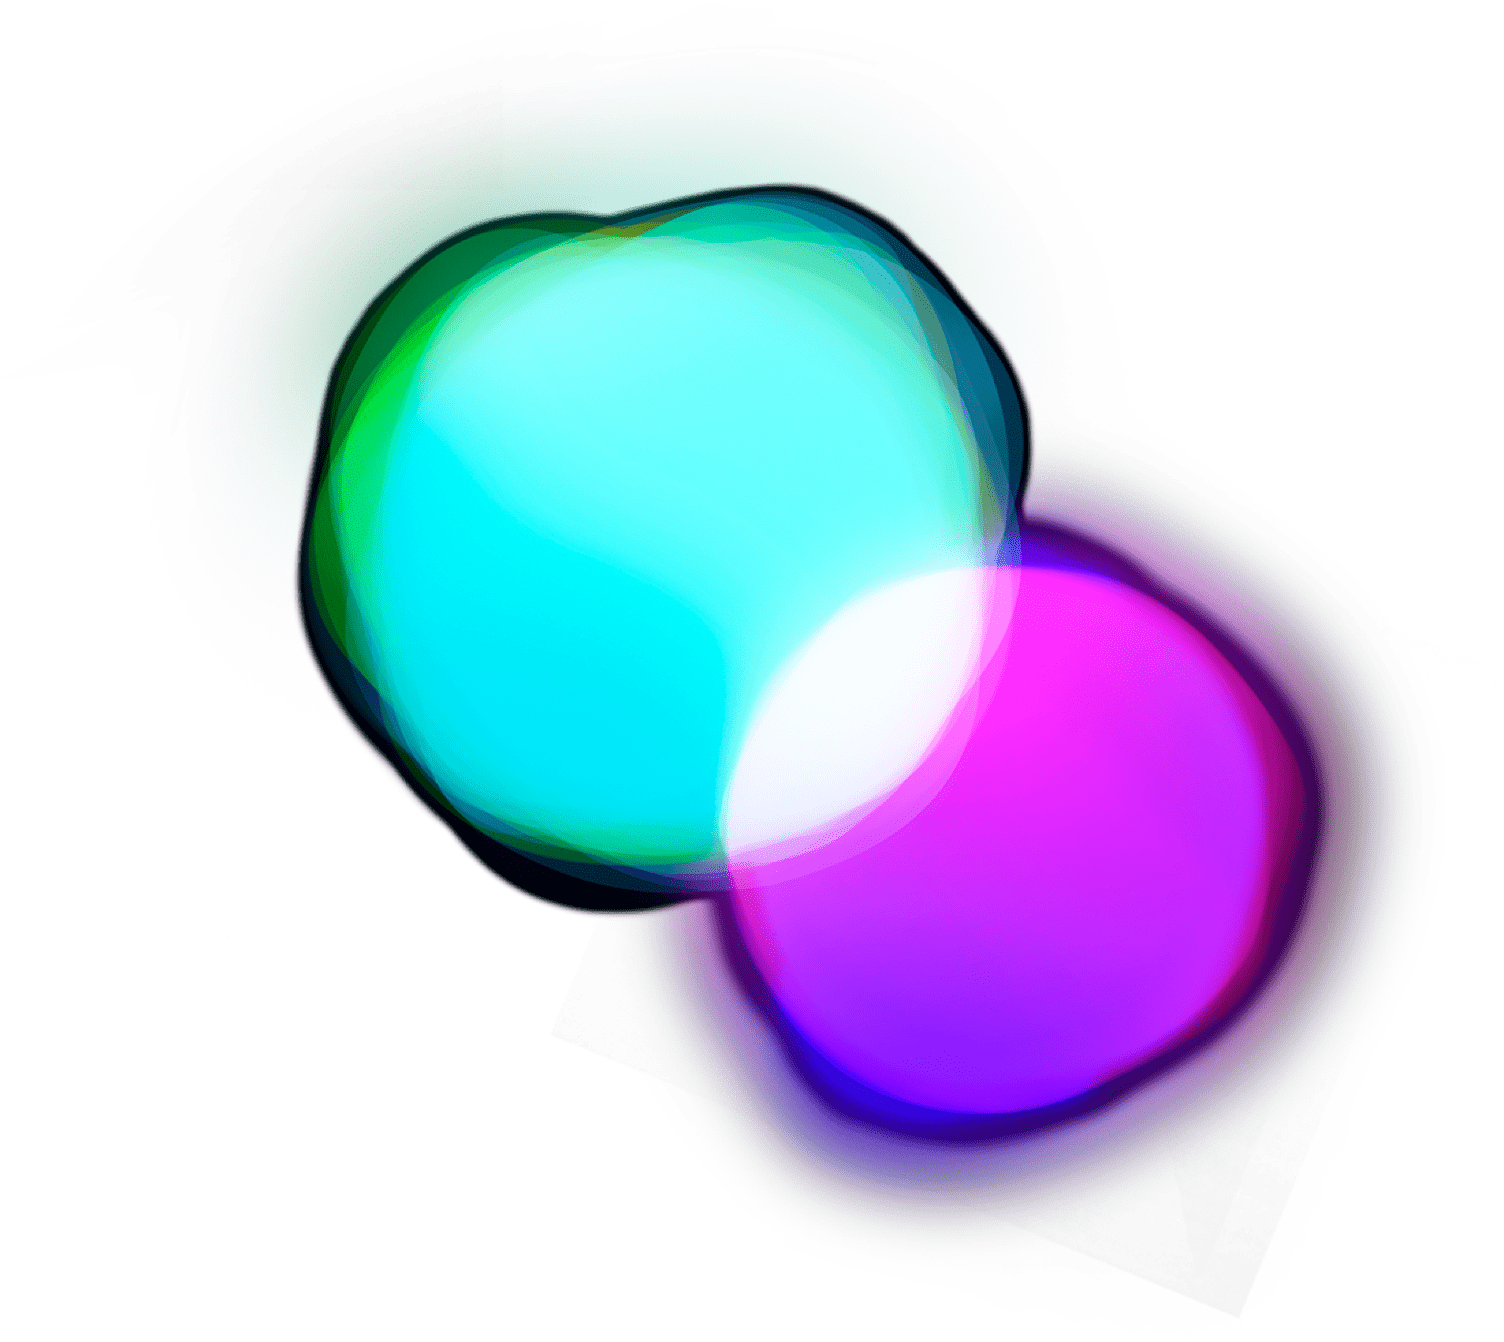 sphere1.png